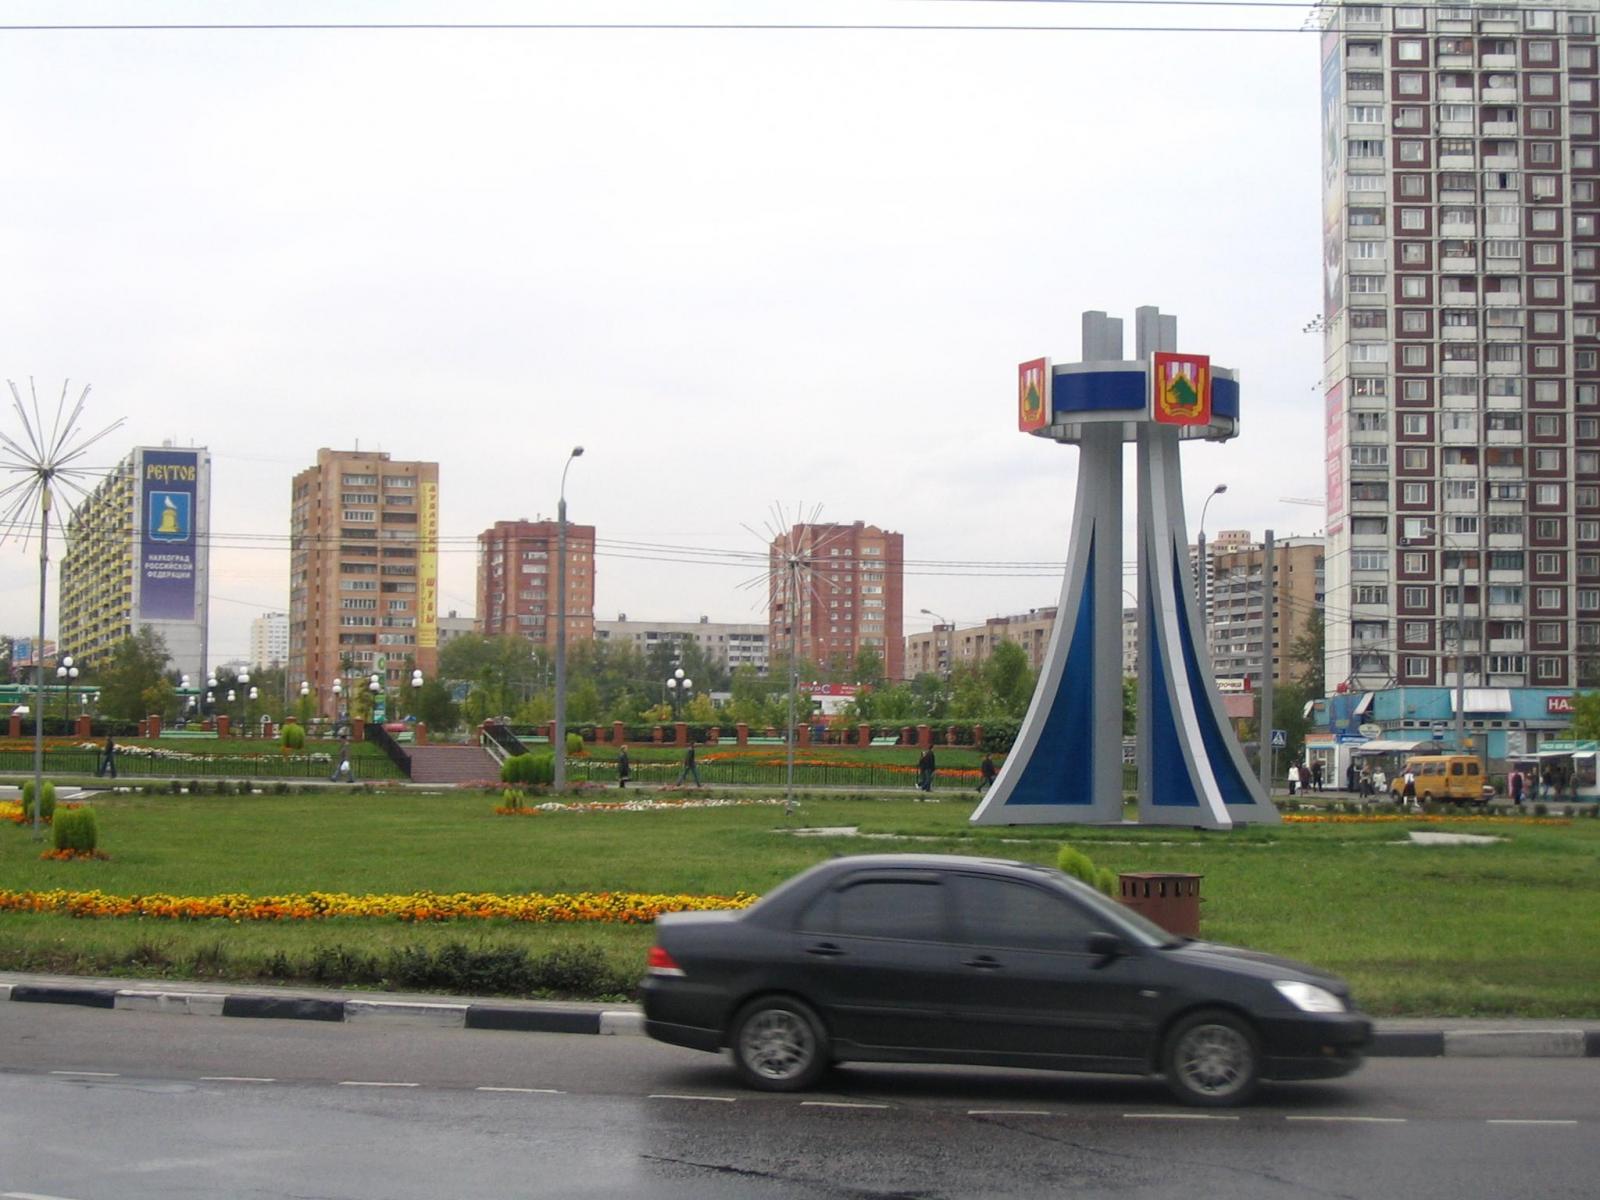 Скульптура в Новокосино.JPG